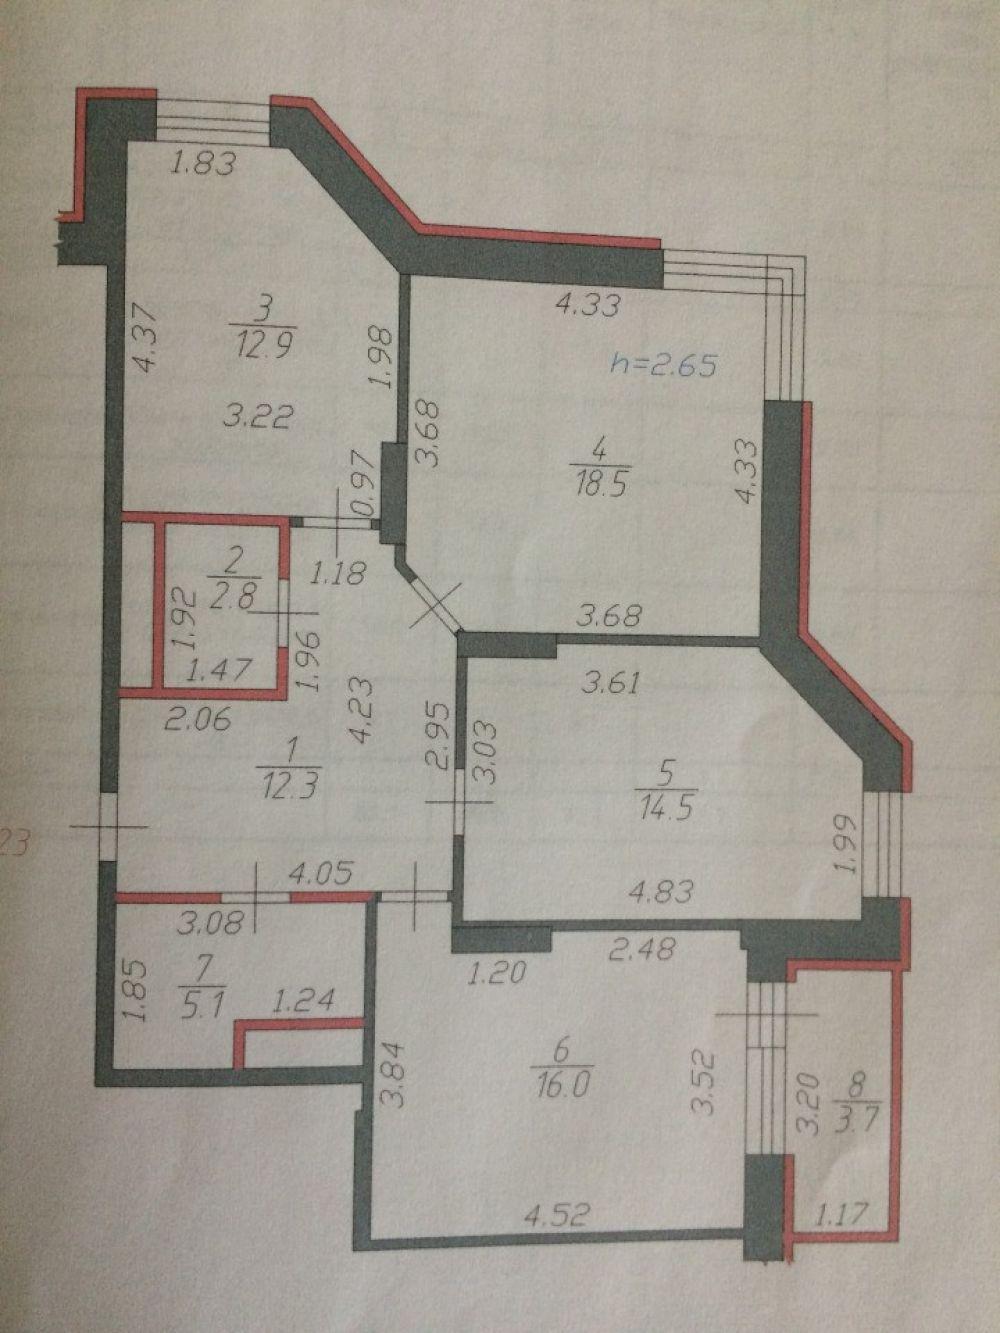 3-к квартира, Щелково, улица Шмидта, 6, фото 1